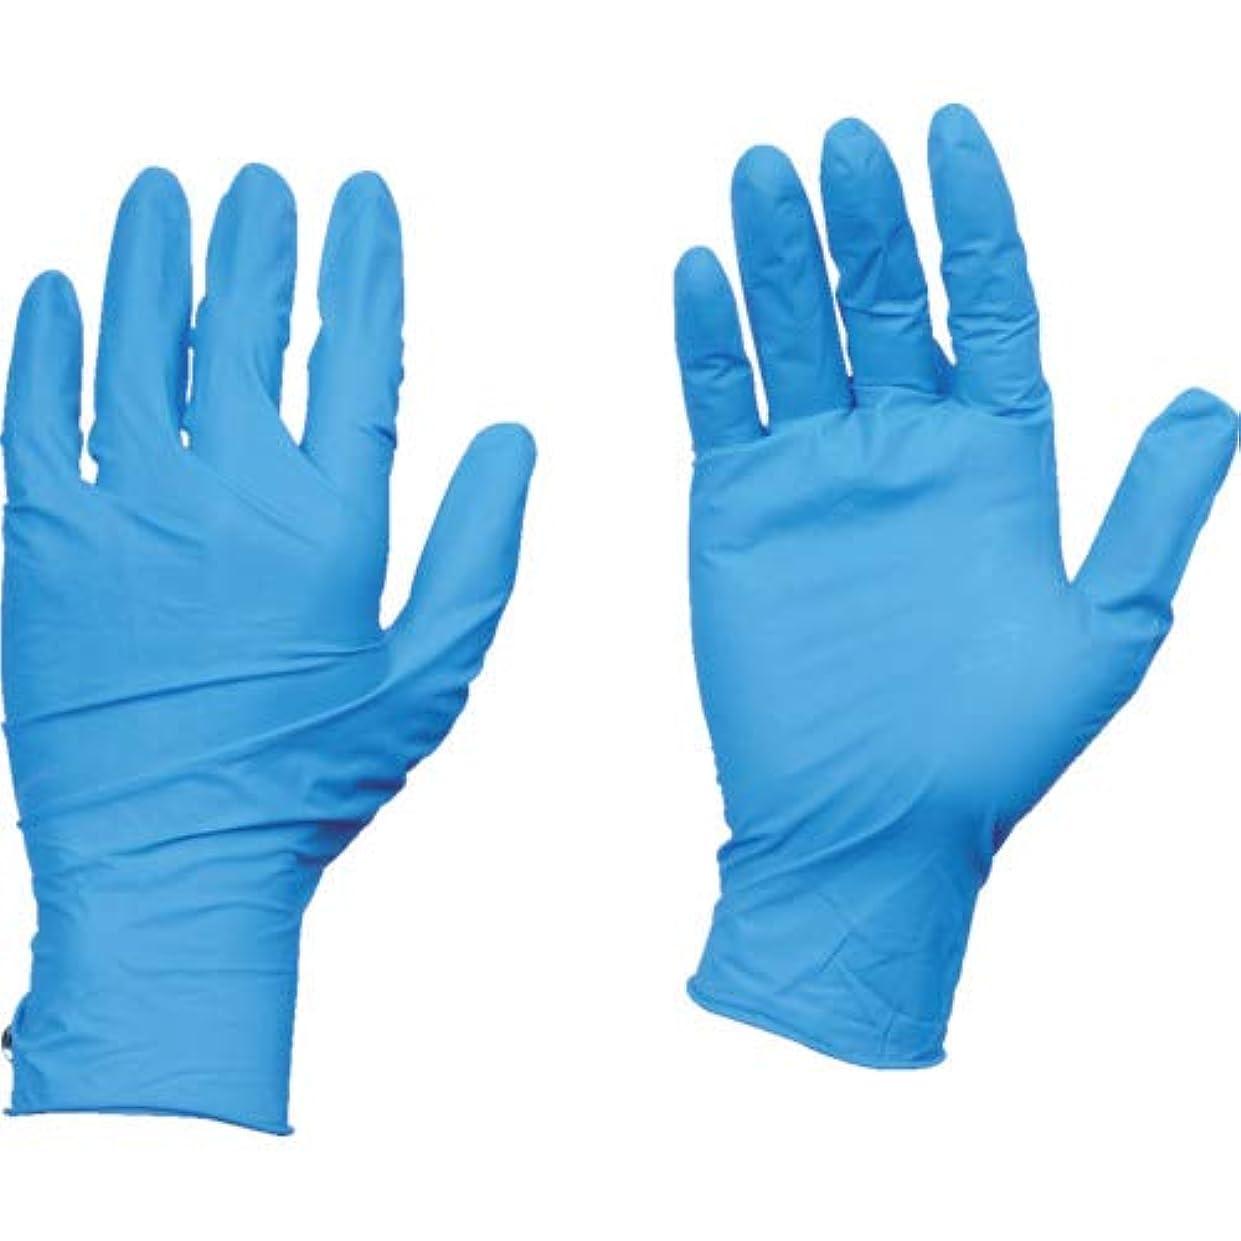 飛行場元気定常TRUSCO(トラスコ) 10箱入り 使い捨て天然ゴム手袋TGワーク 0.10 粉付青L TGPL10BL10C